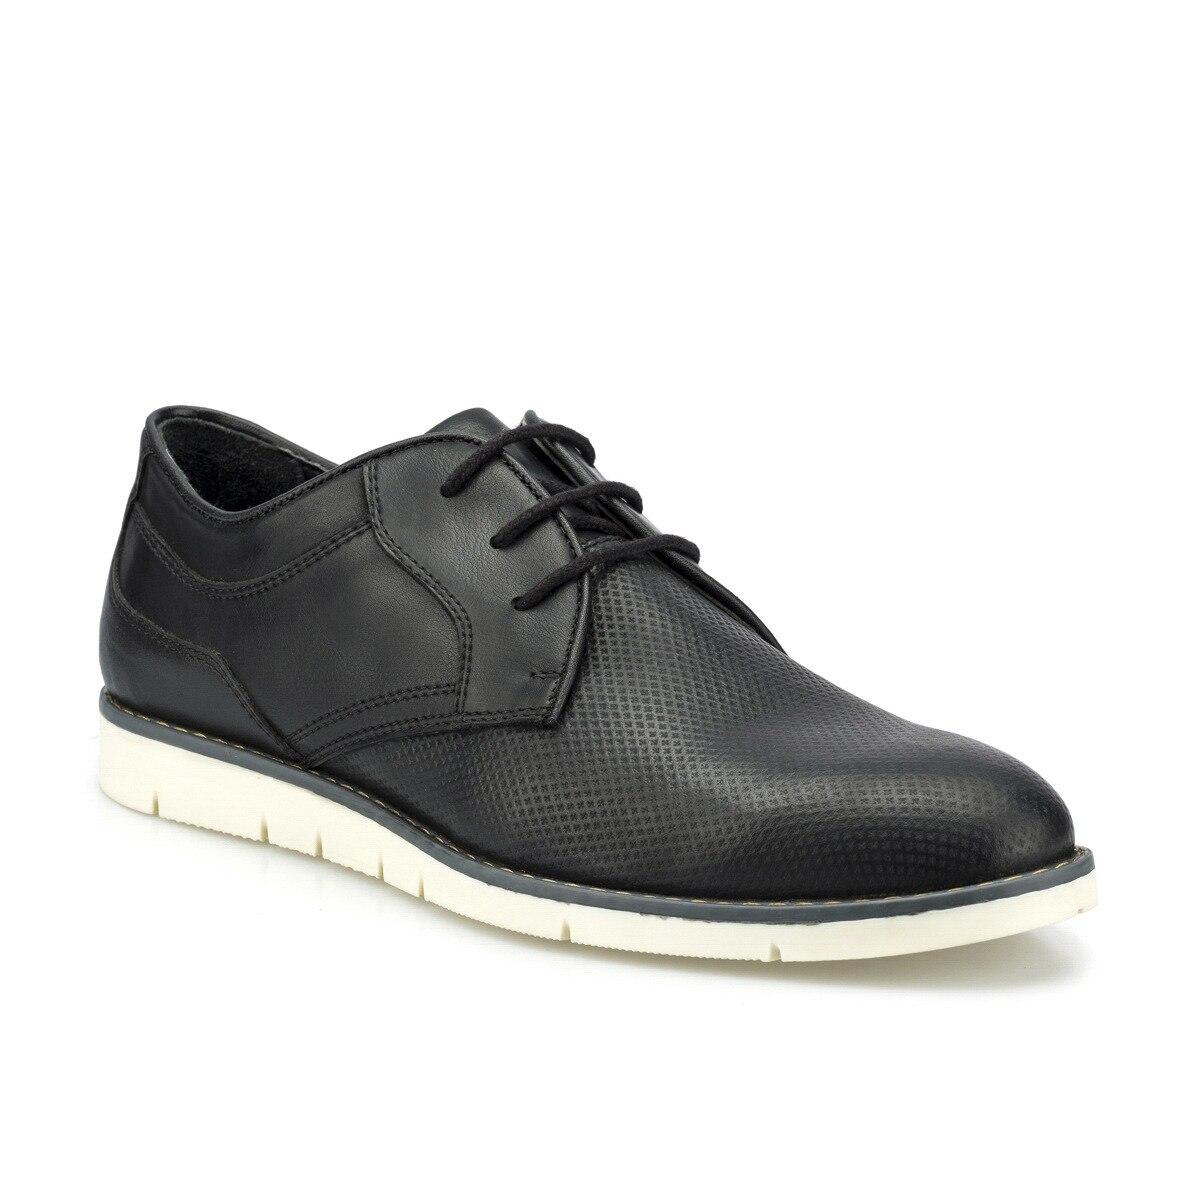 FLO 160019.M Black Men Dress Shoes Polaris